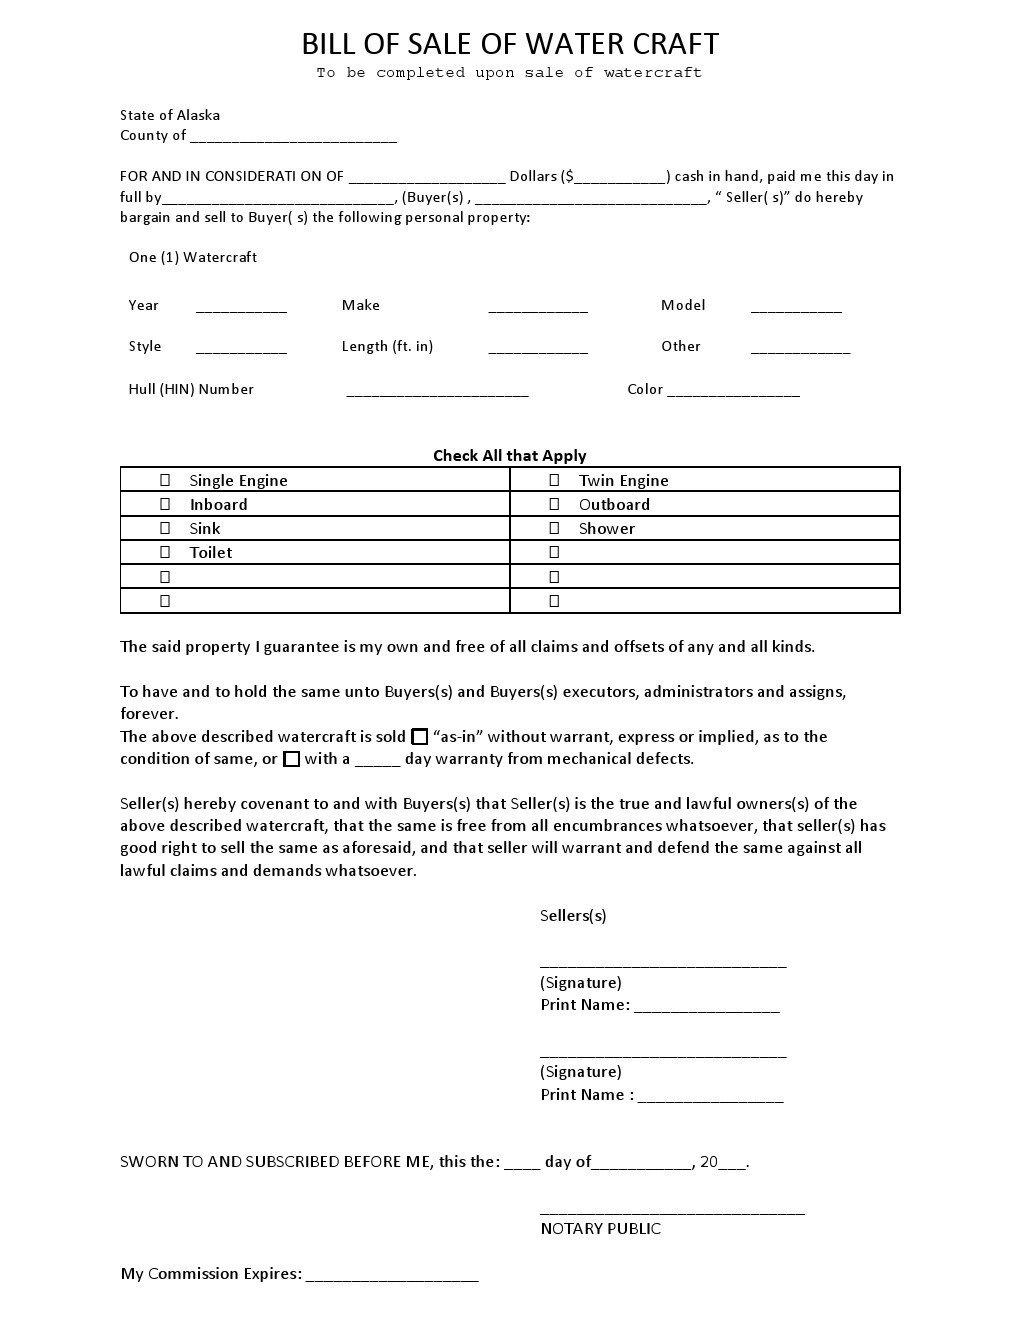 Watercraft Bill Of Sale Free Alaska Watercraft Bill Of Sale form Download Pdf